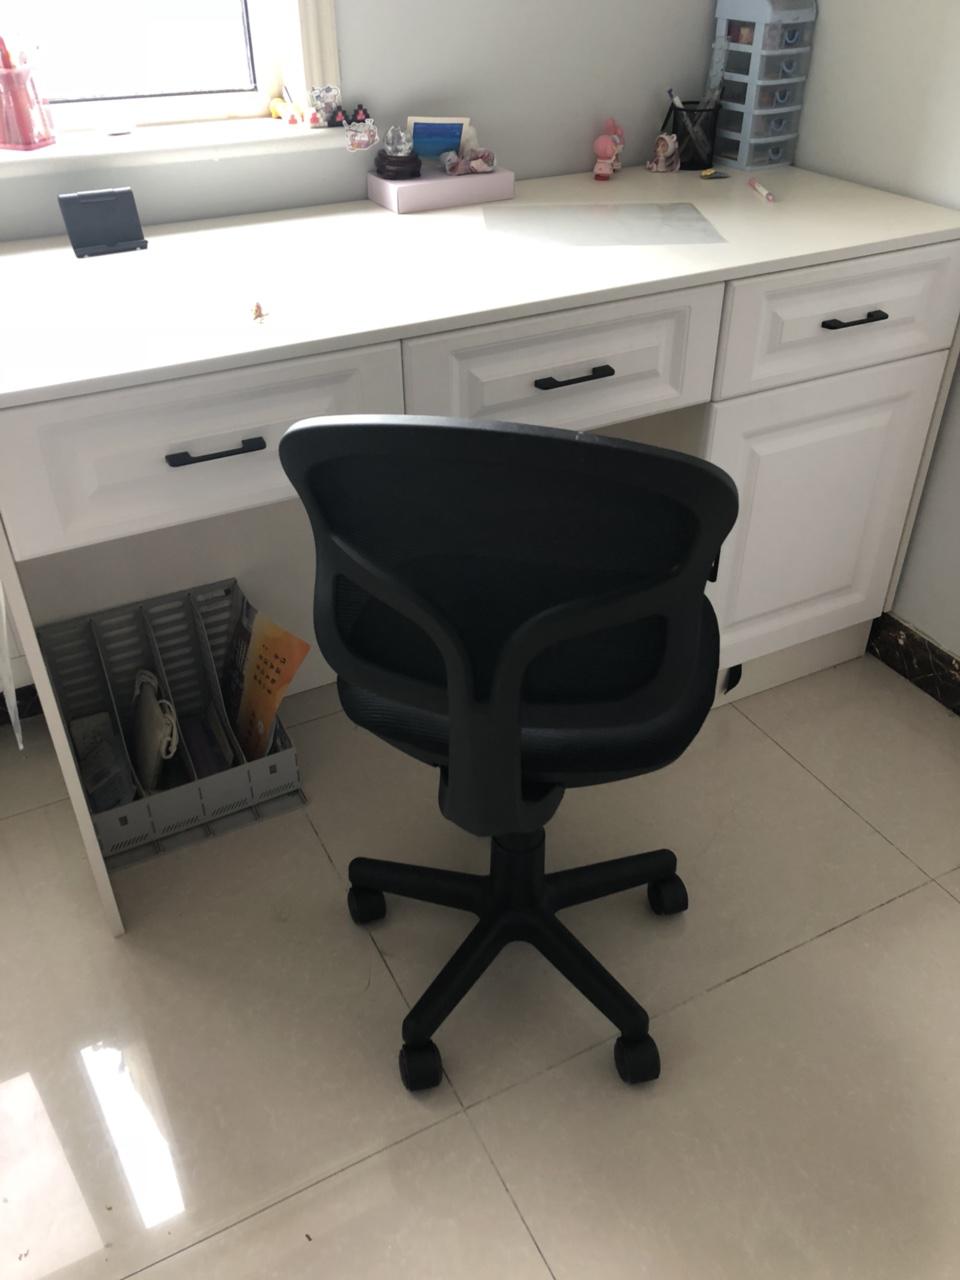 在济南新买的椅子没几天,孩子相不中颜色款式,没有时间去调换,想卖它。低价100块钱卖。可升降,高低可...